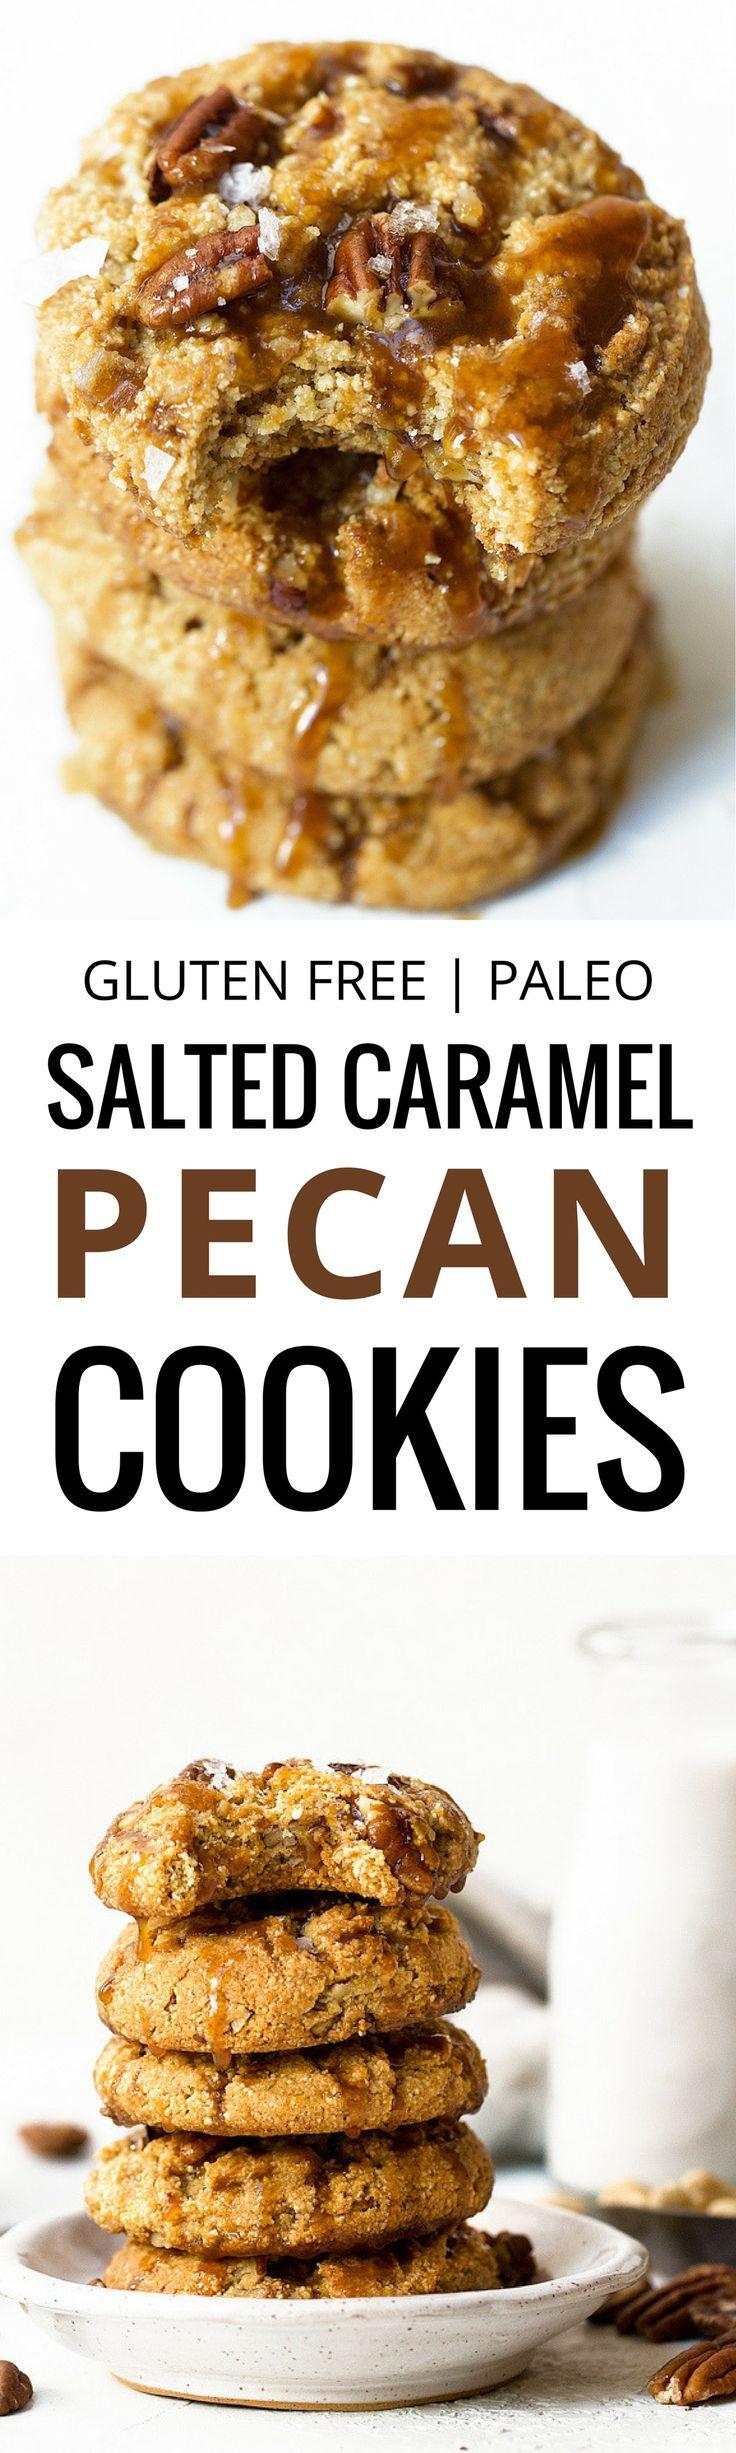 Salted caramel pecan cookies made with raw cashews #cookies #pecans #saltedcaramel #dessert